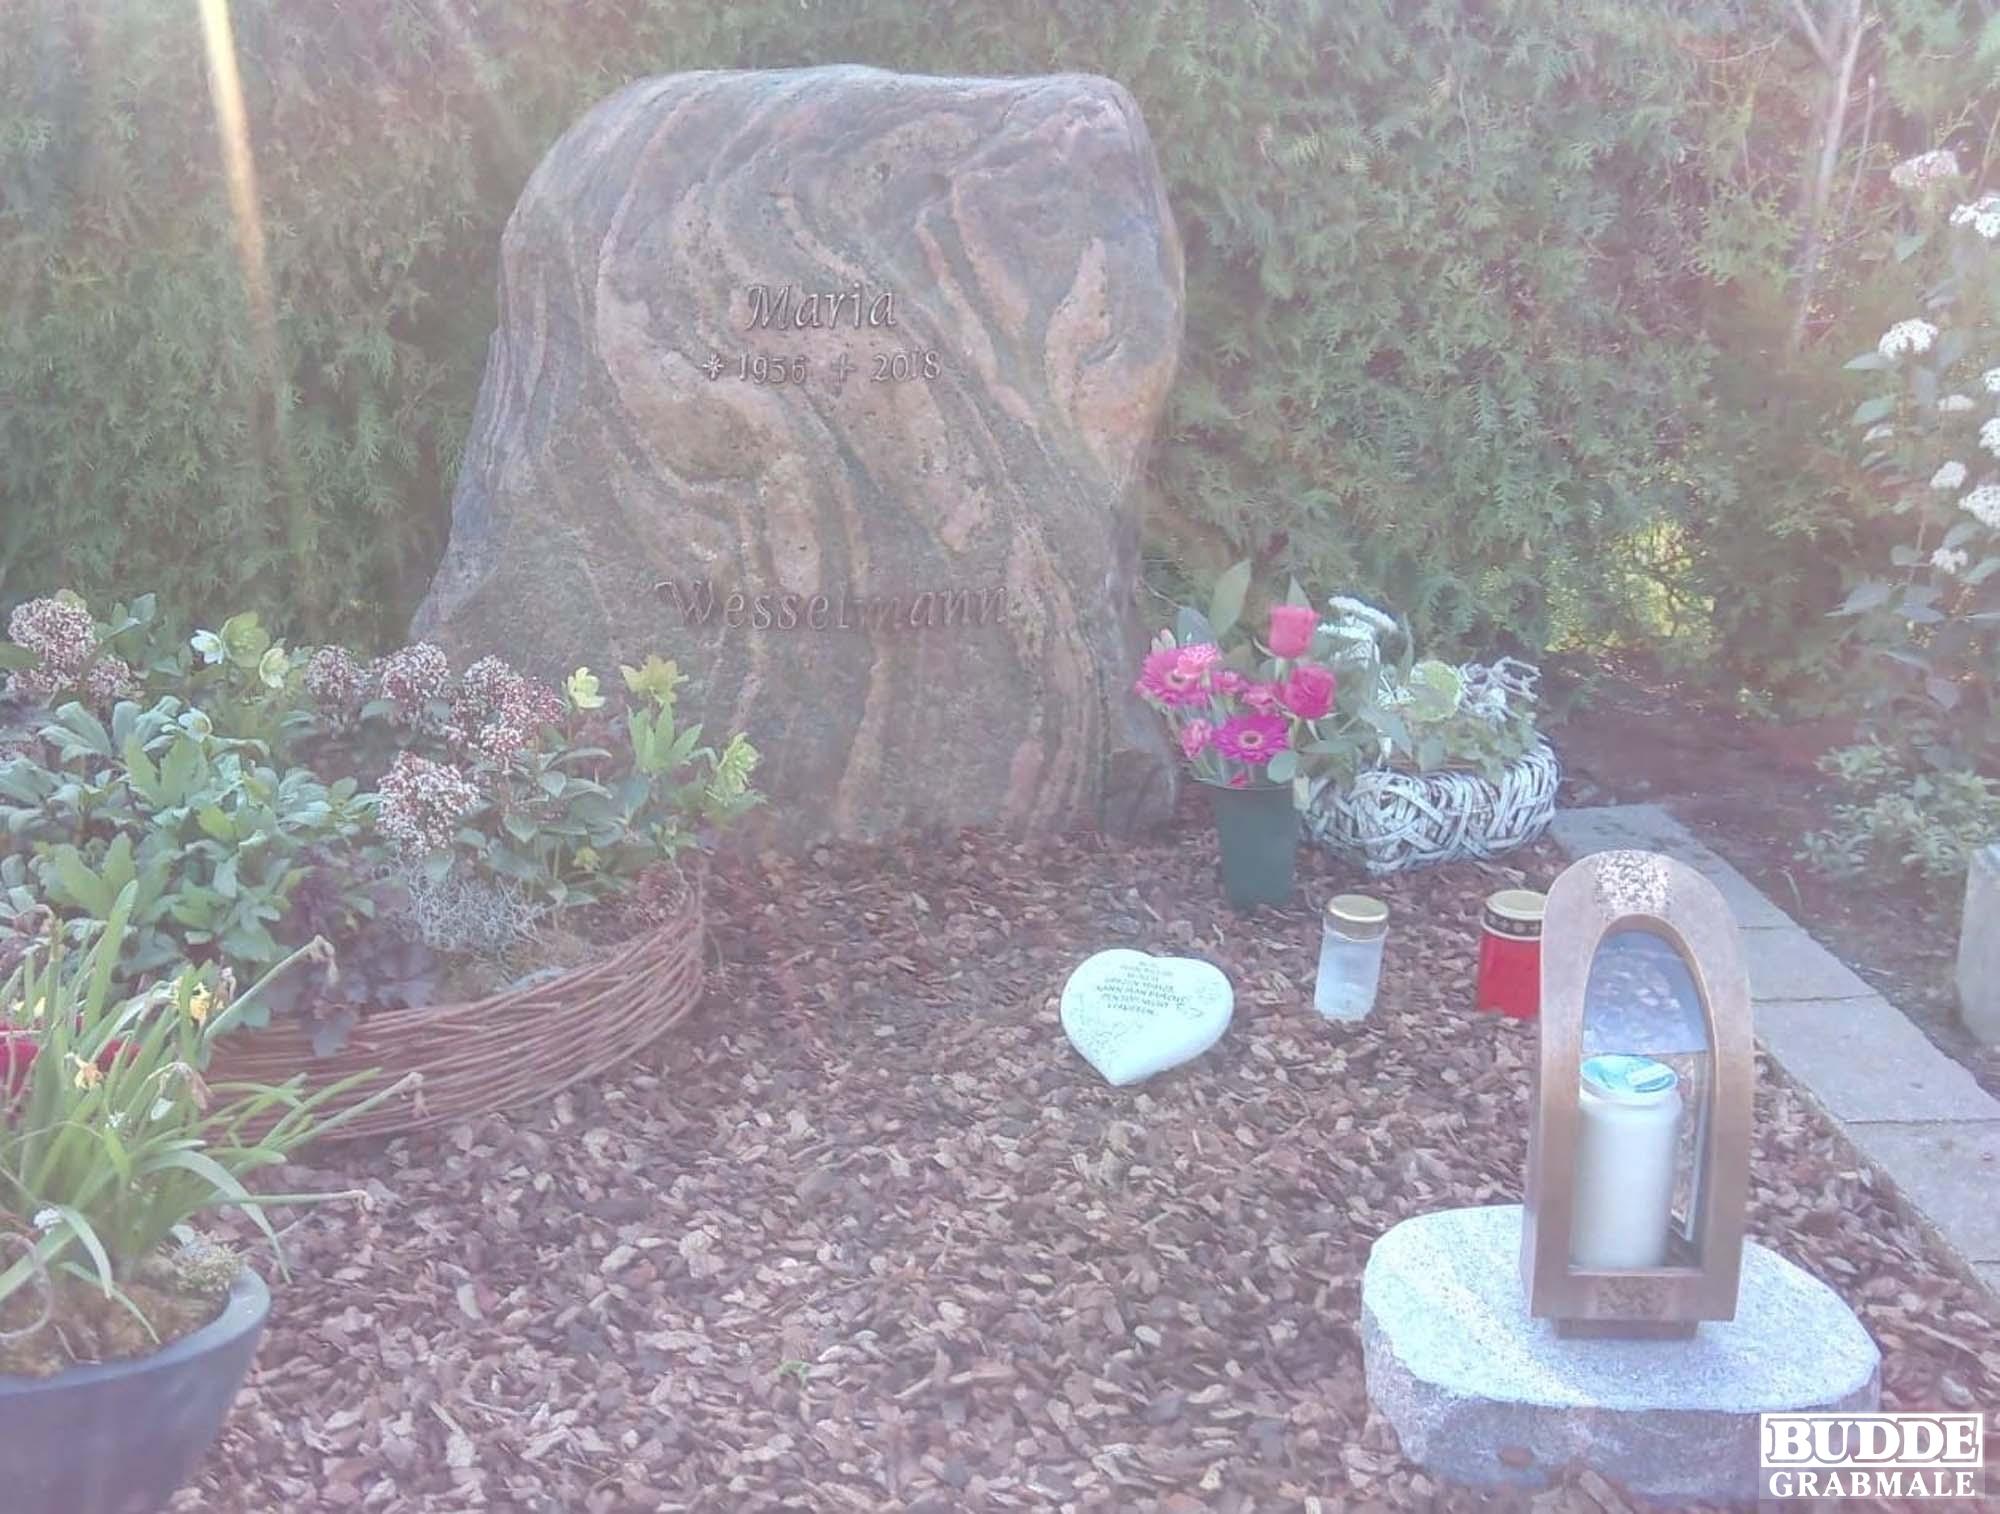 Steinhagen, Grabstein Felsen mit Bronzeschrift und Grablaterne